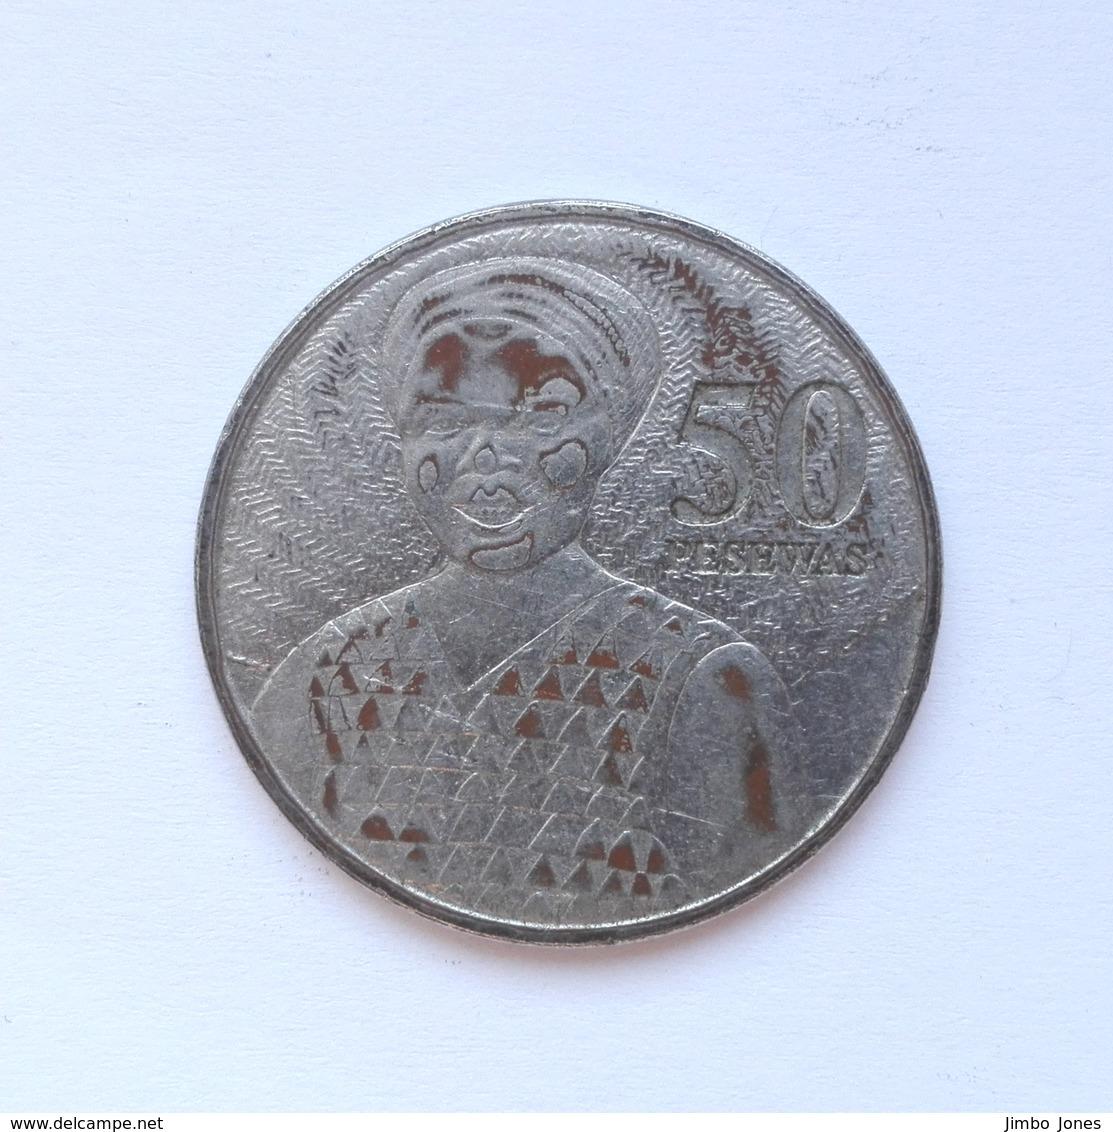 50 Pesewas Münze Aus Ghana Von 2007 (schön) - Ghana